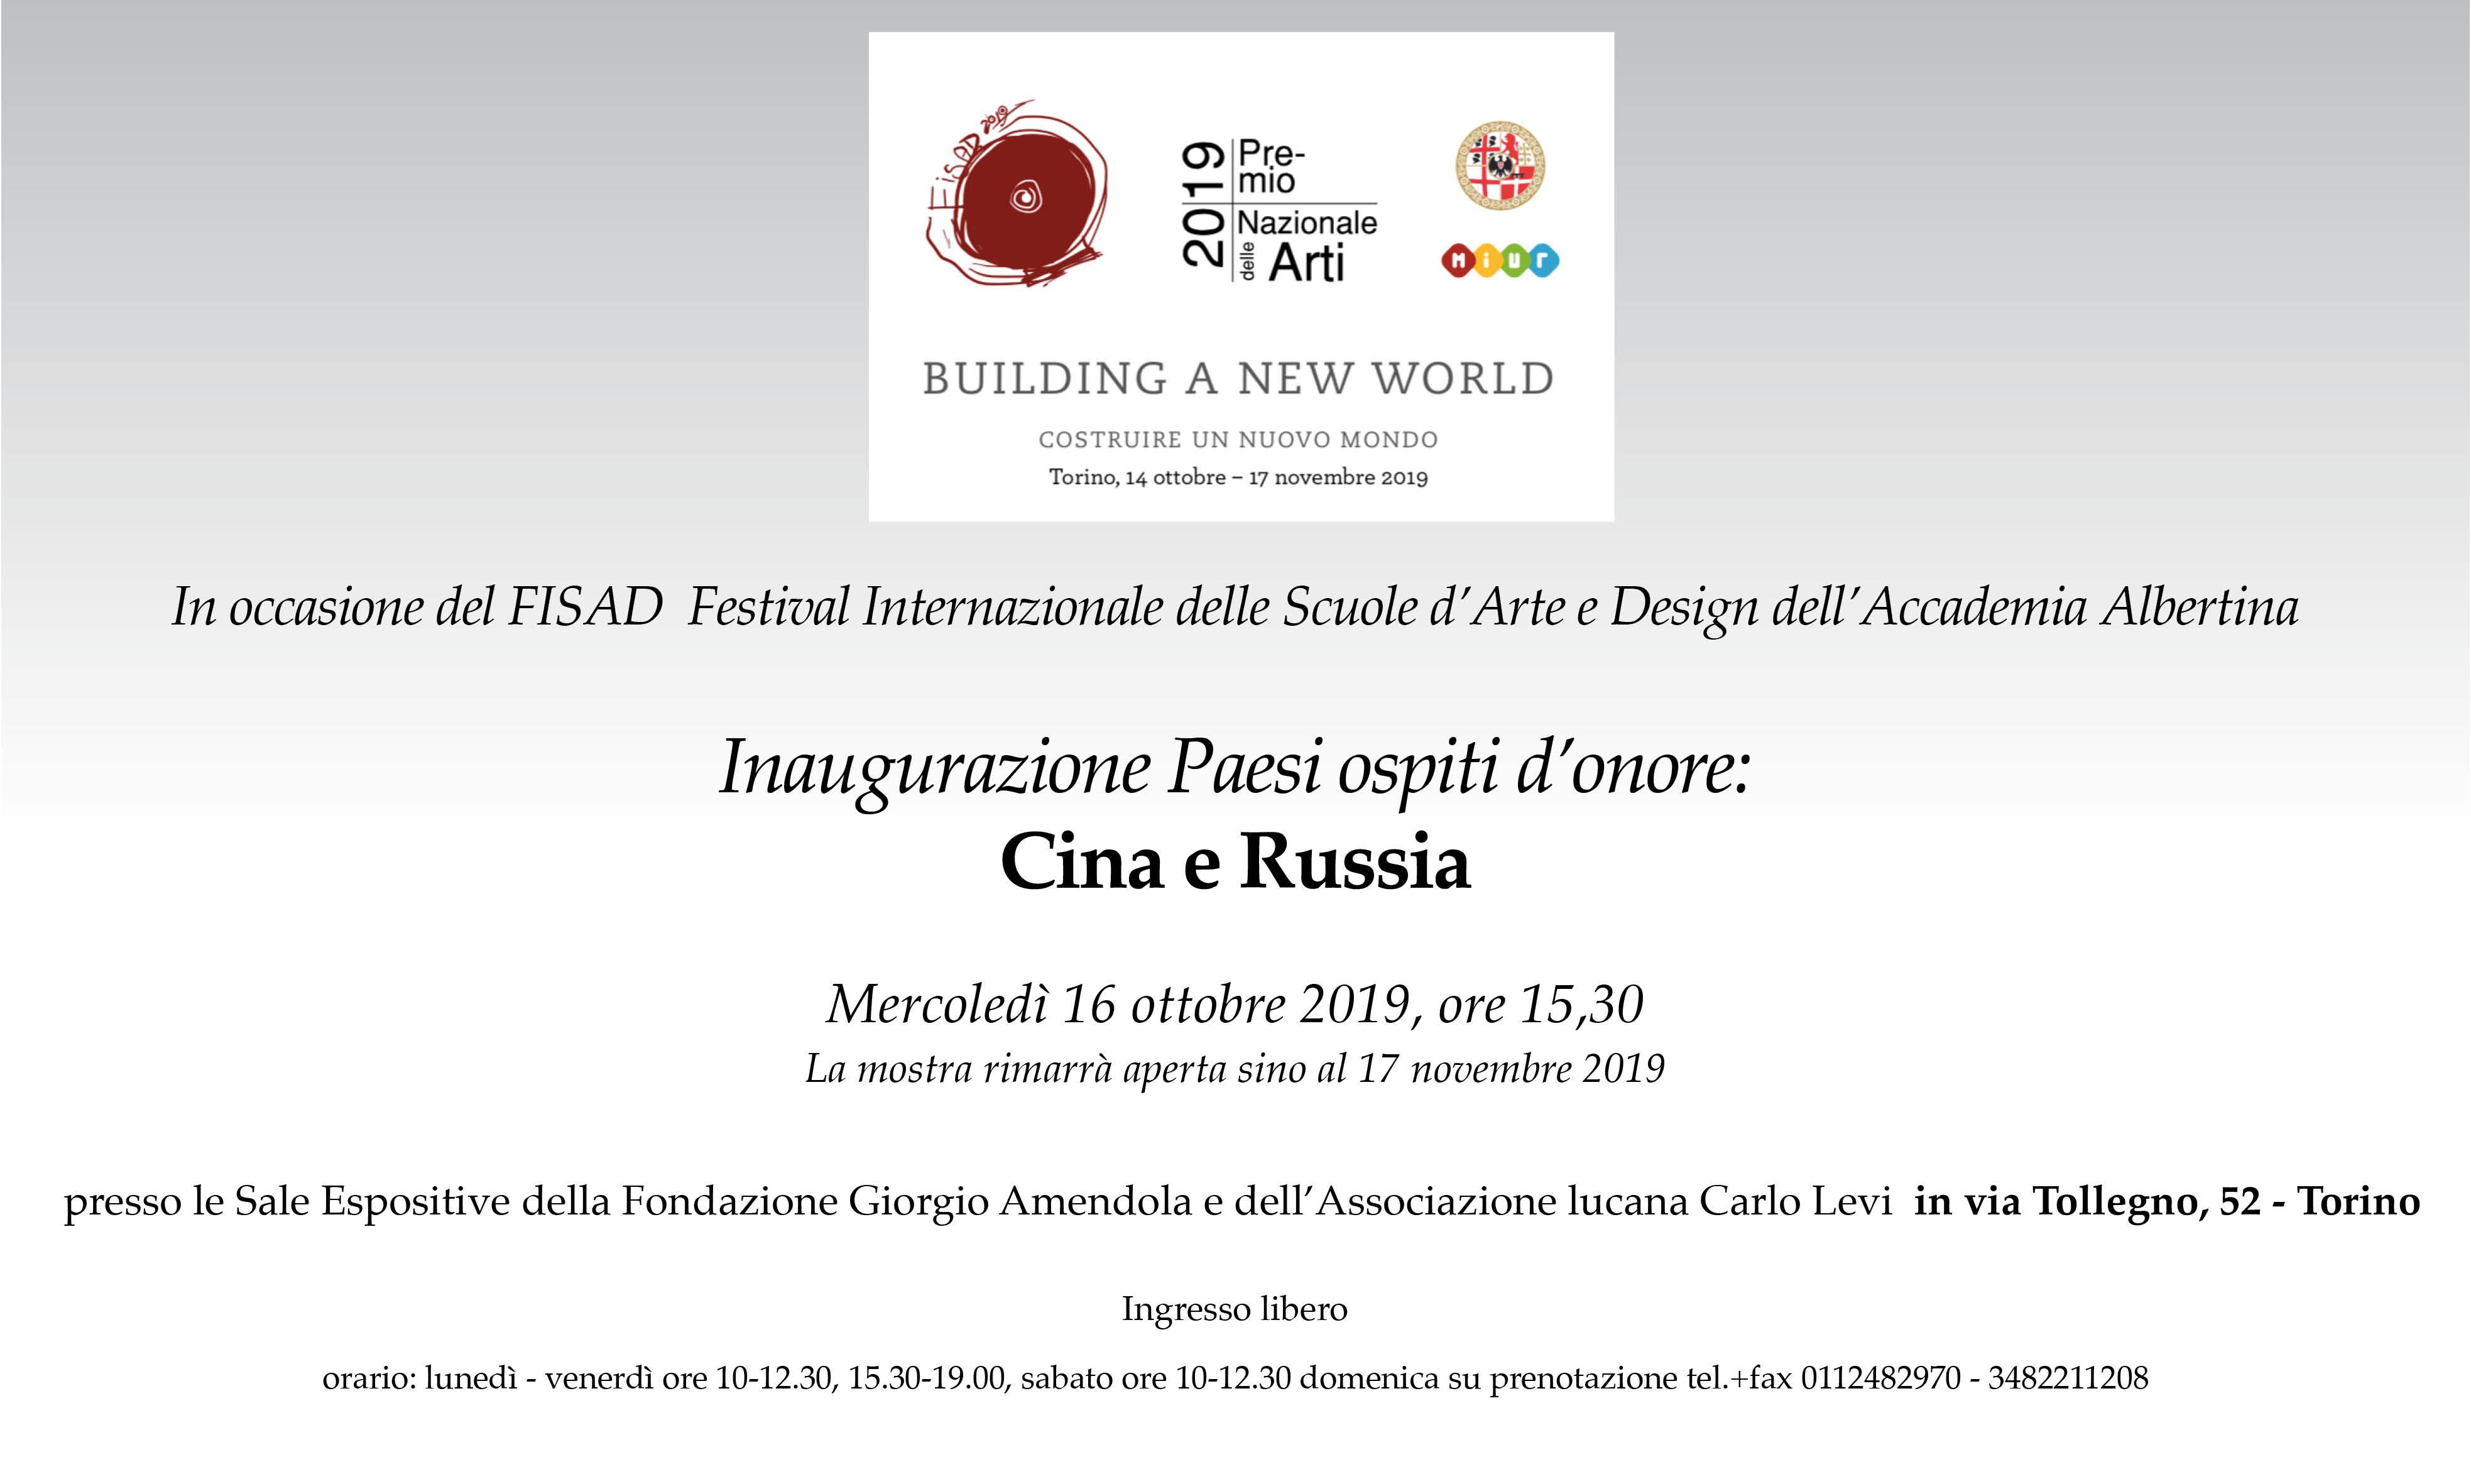 Inaugurazione Mostra Paesi Ospiti D'onore FISAD 2019: Cina E Russia